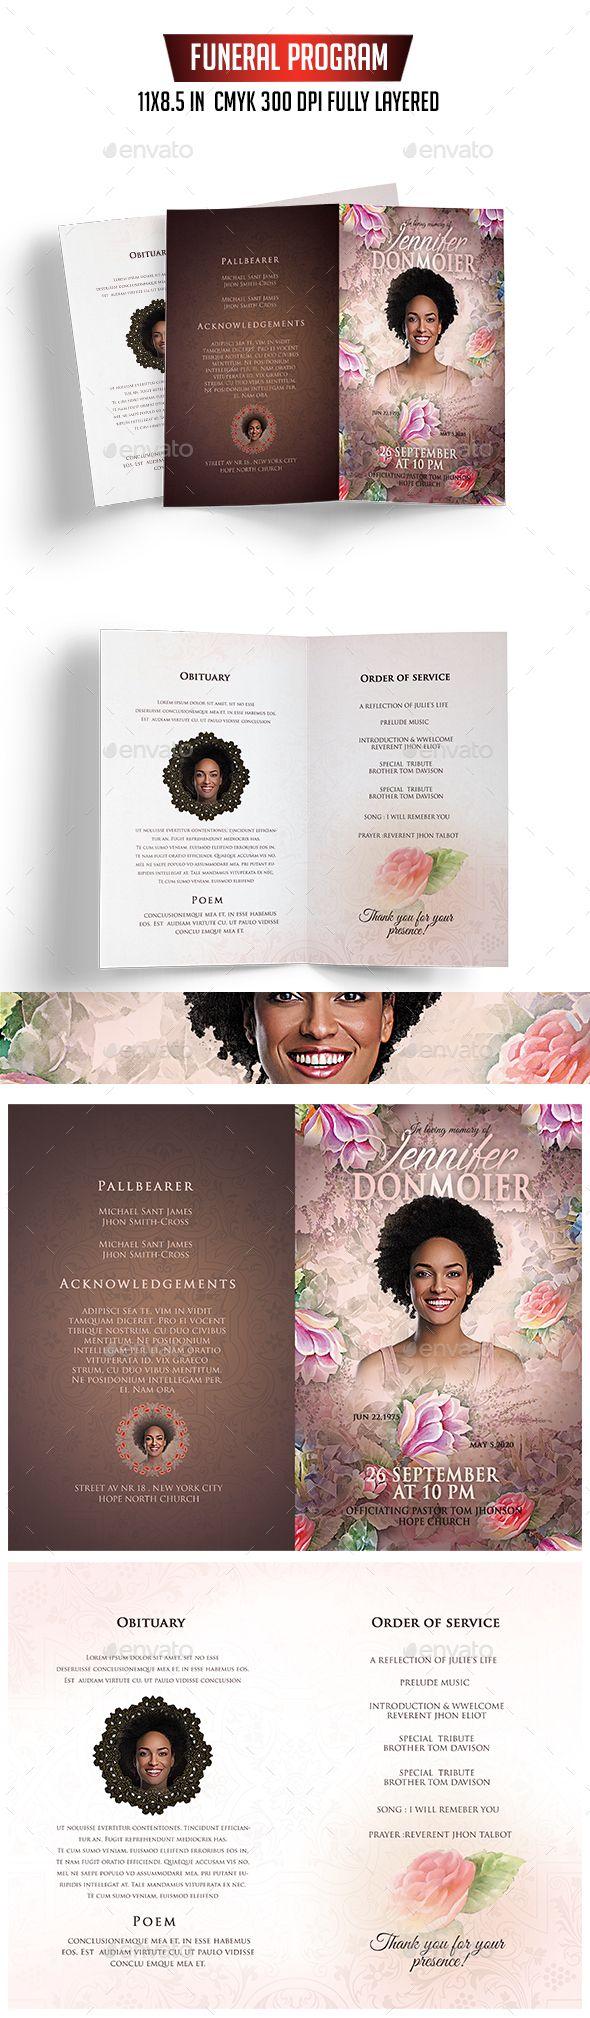 funeral program template informational brochures design